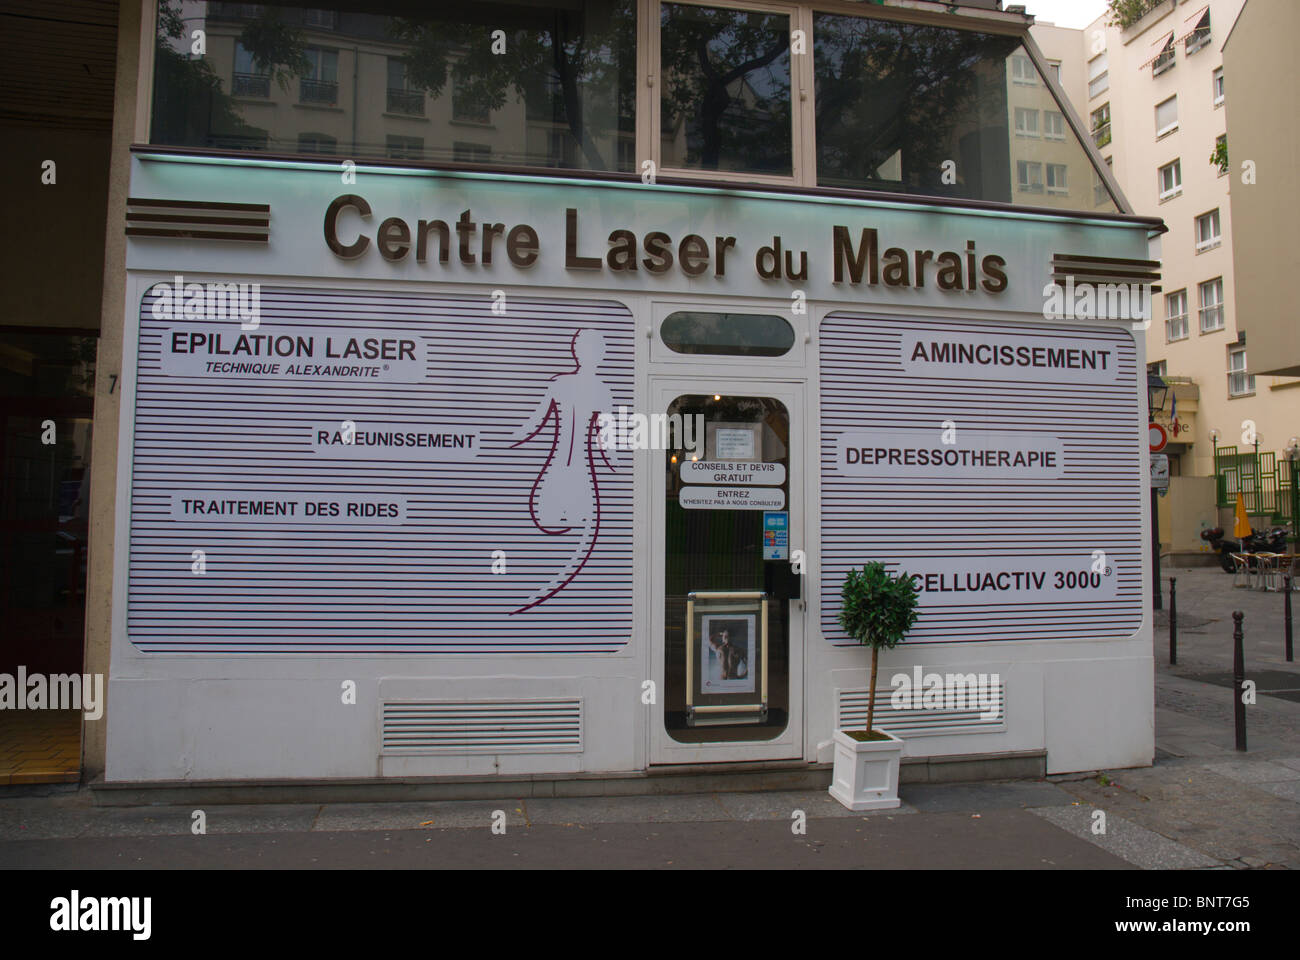 Laser treatment therapy centre Le Marais district central Paris France Europe - Stock Image